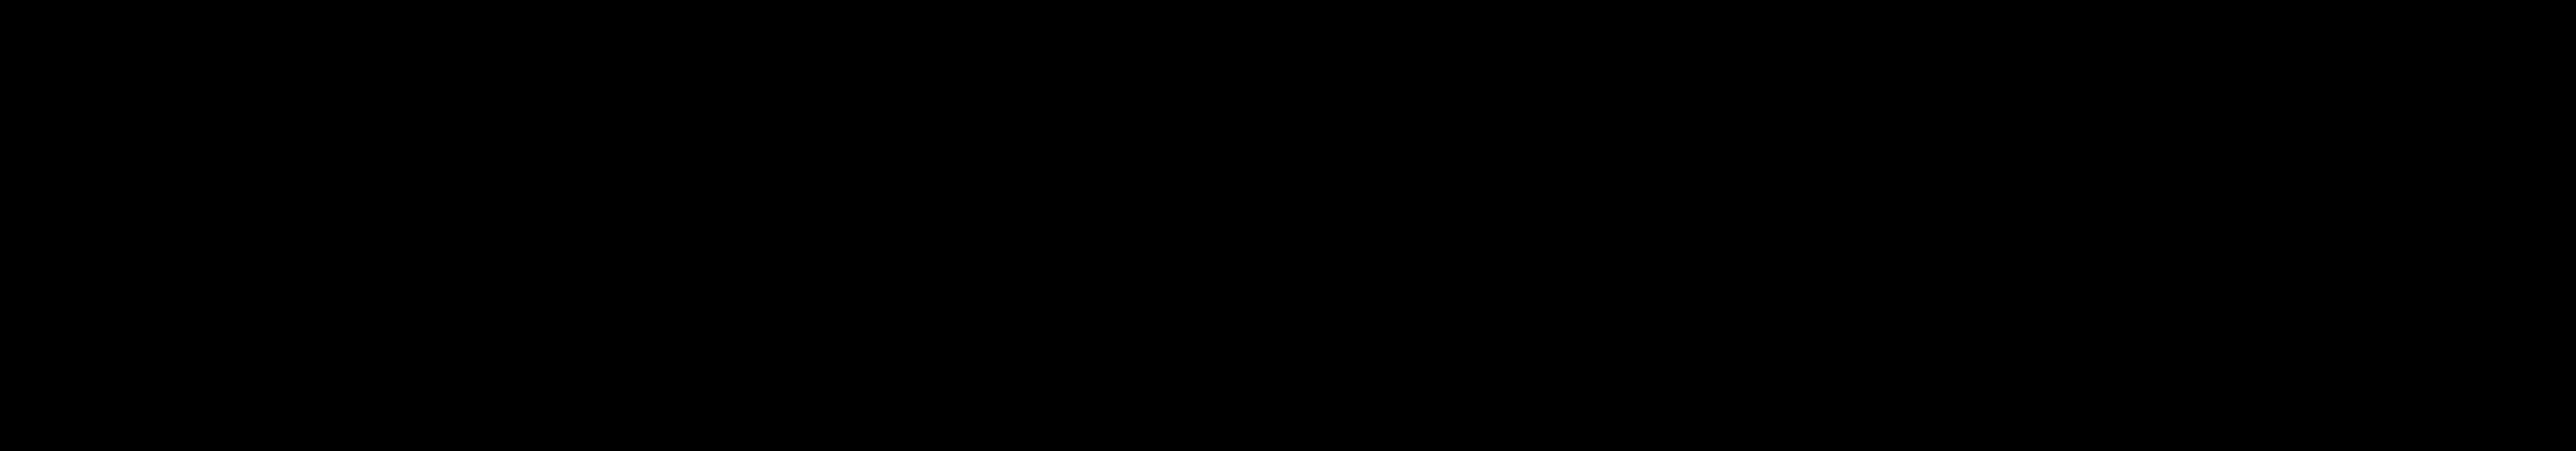 【本日オープン★】マークジーン姫路★